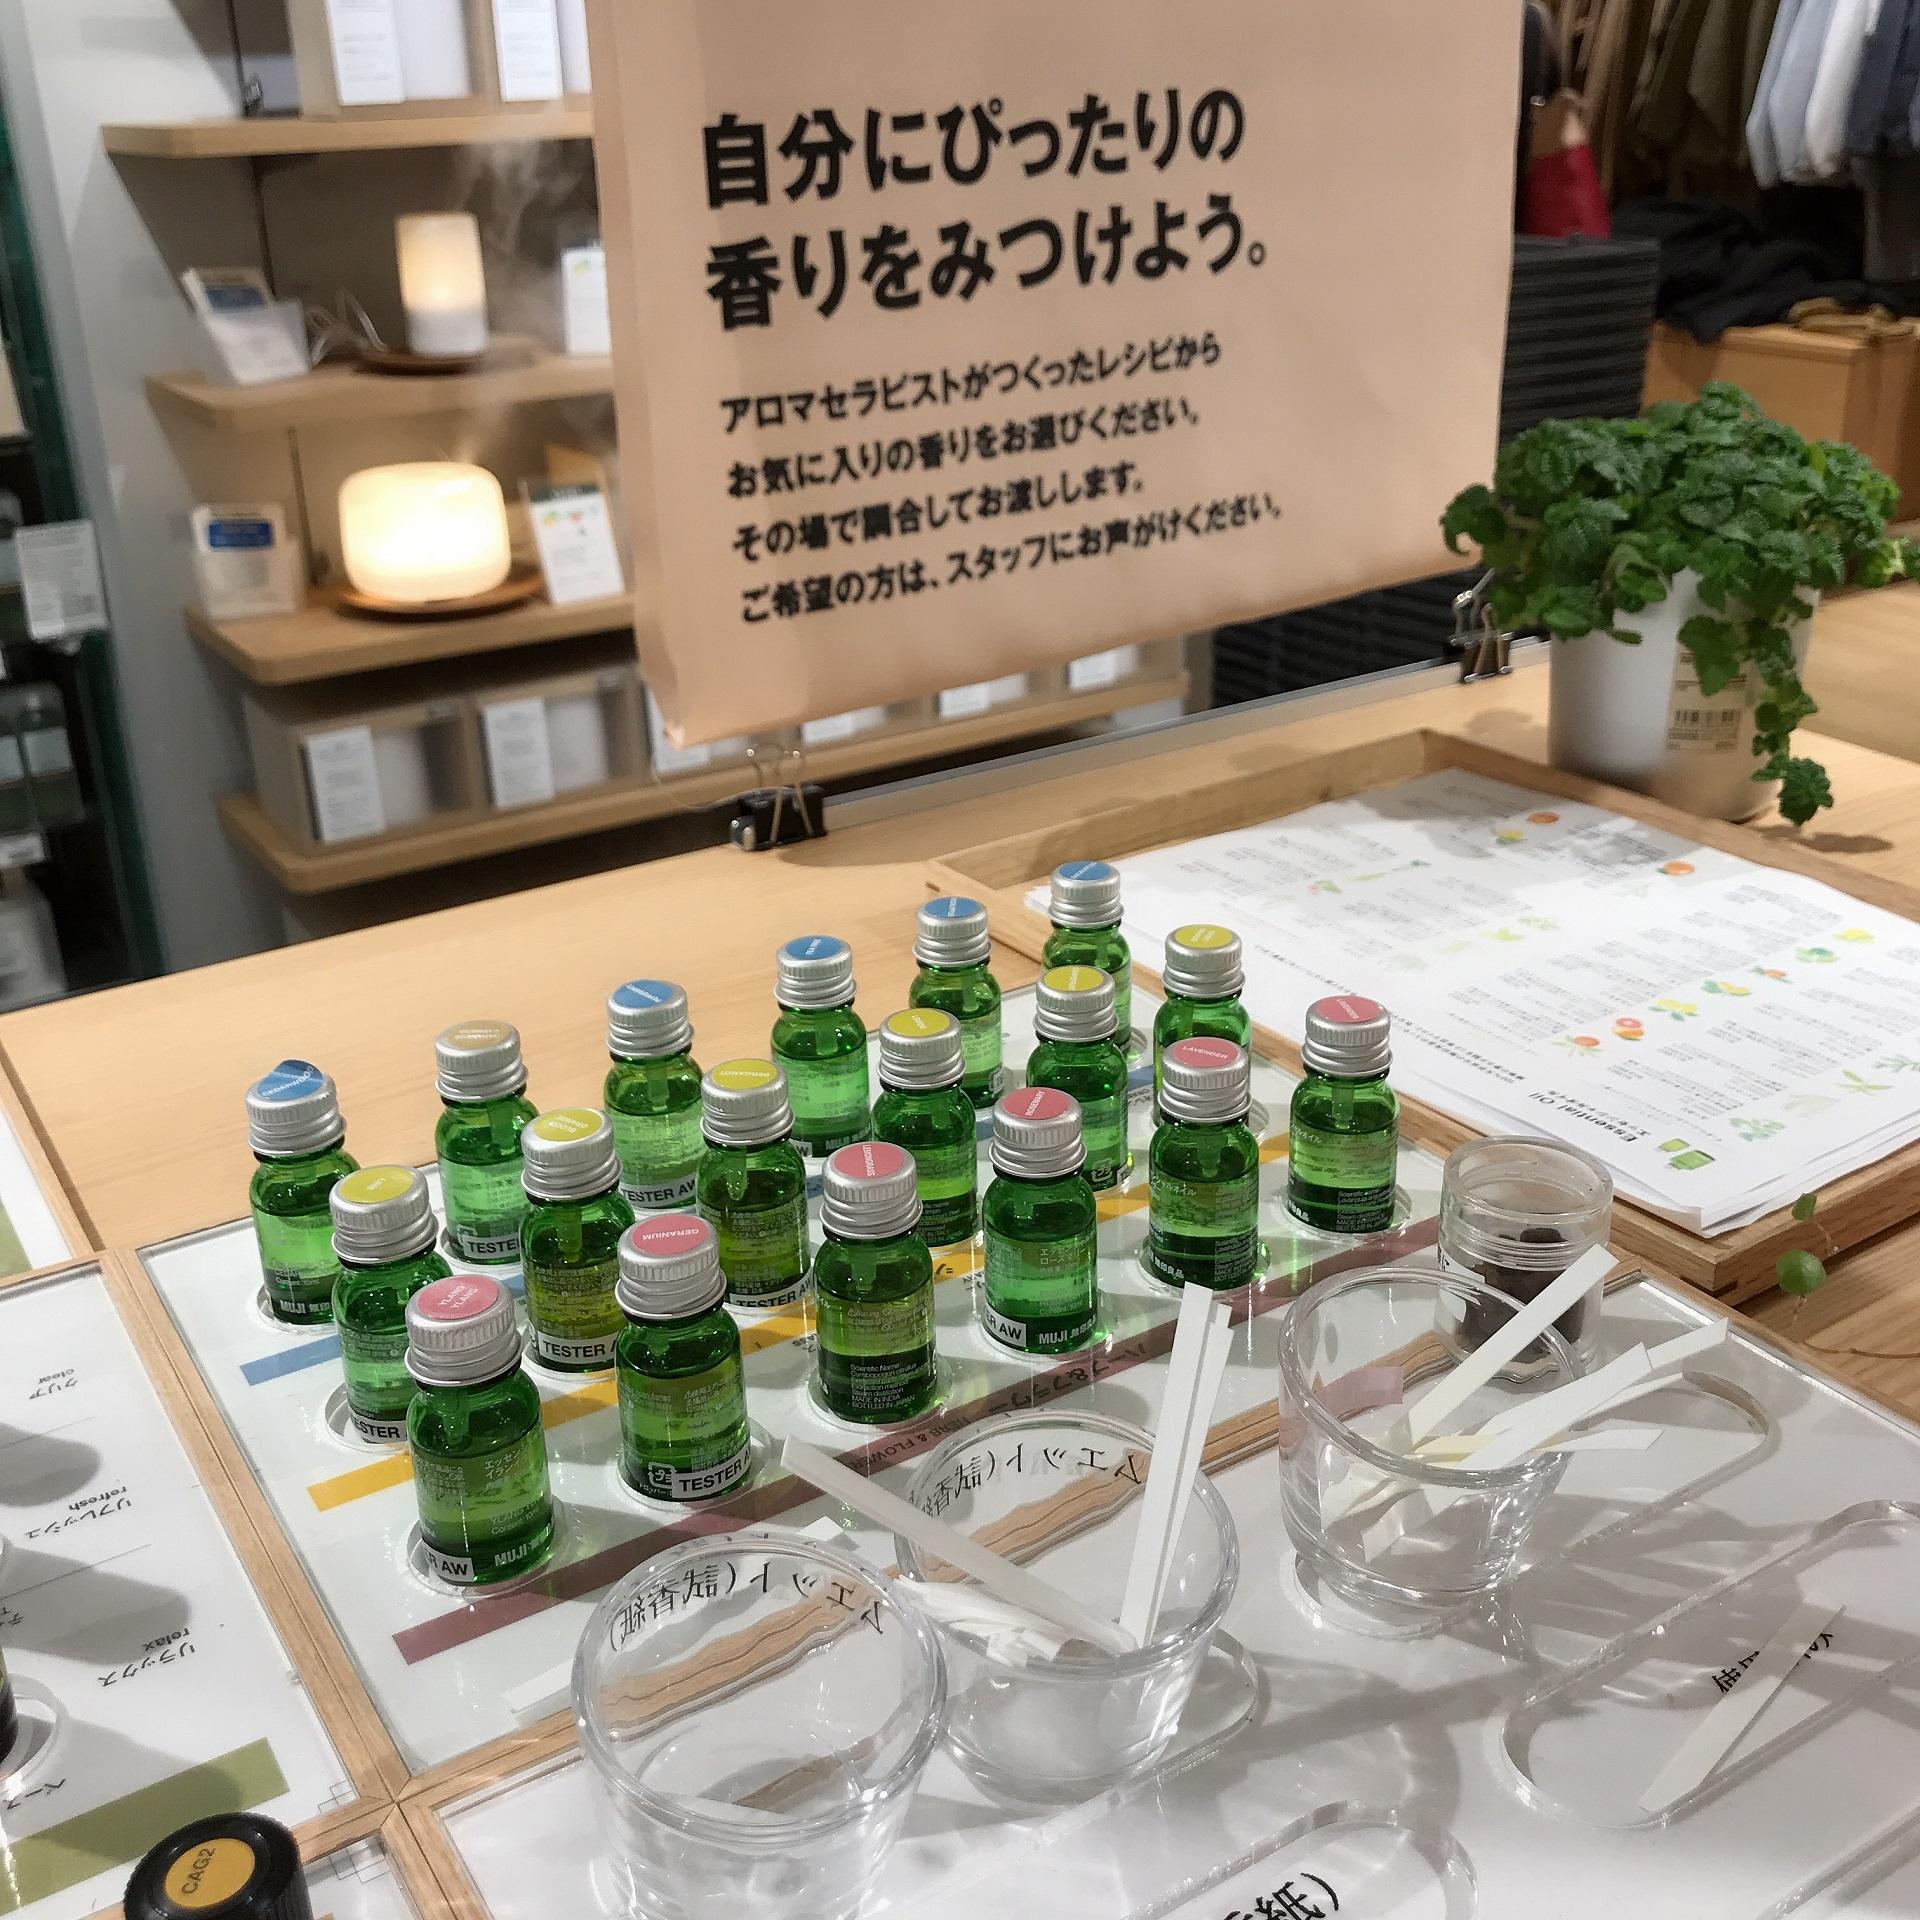 现货日本MUJI无印良品芳香香薰精油佛手柑茉莉檀香玫瑰木质香安眠